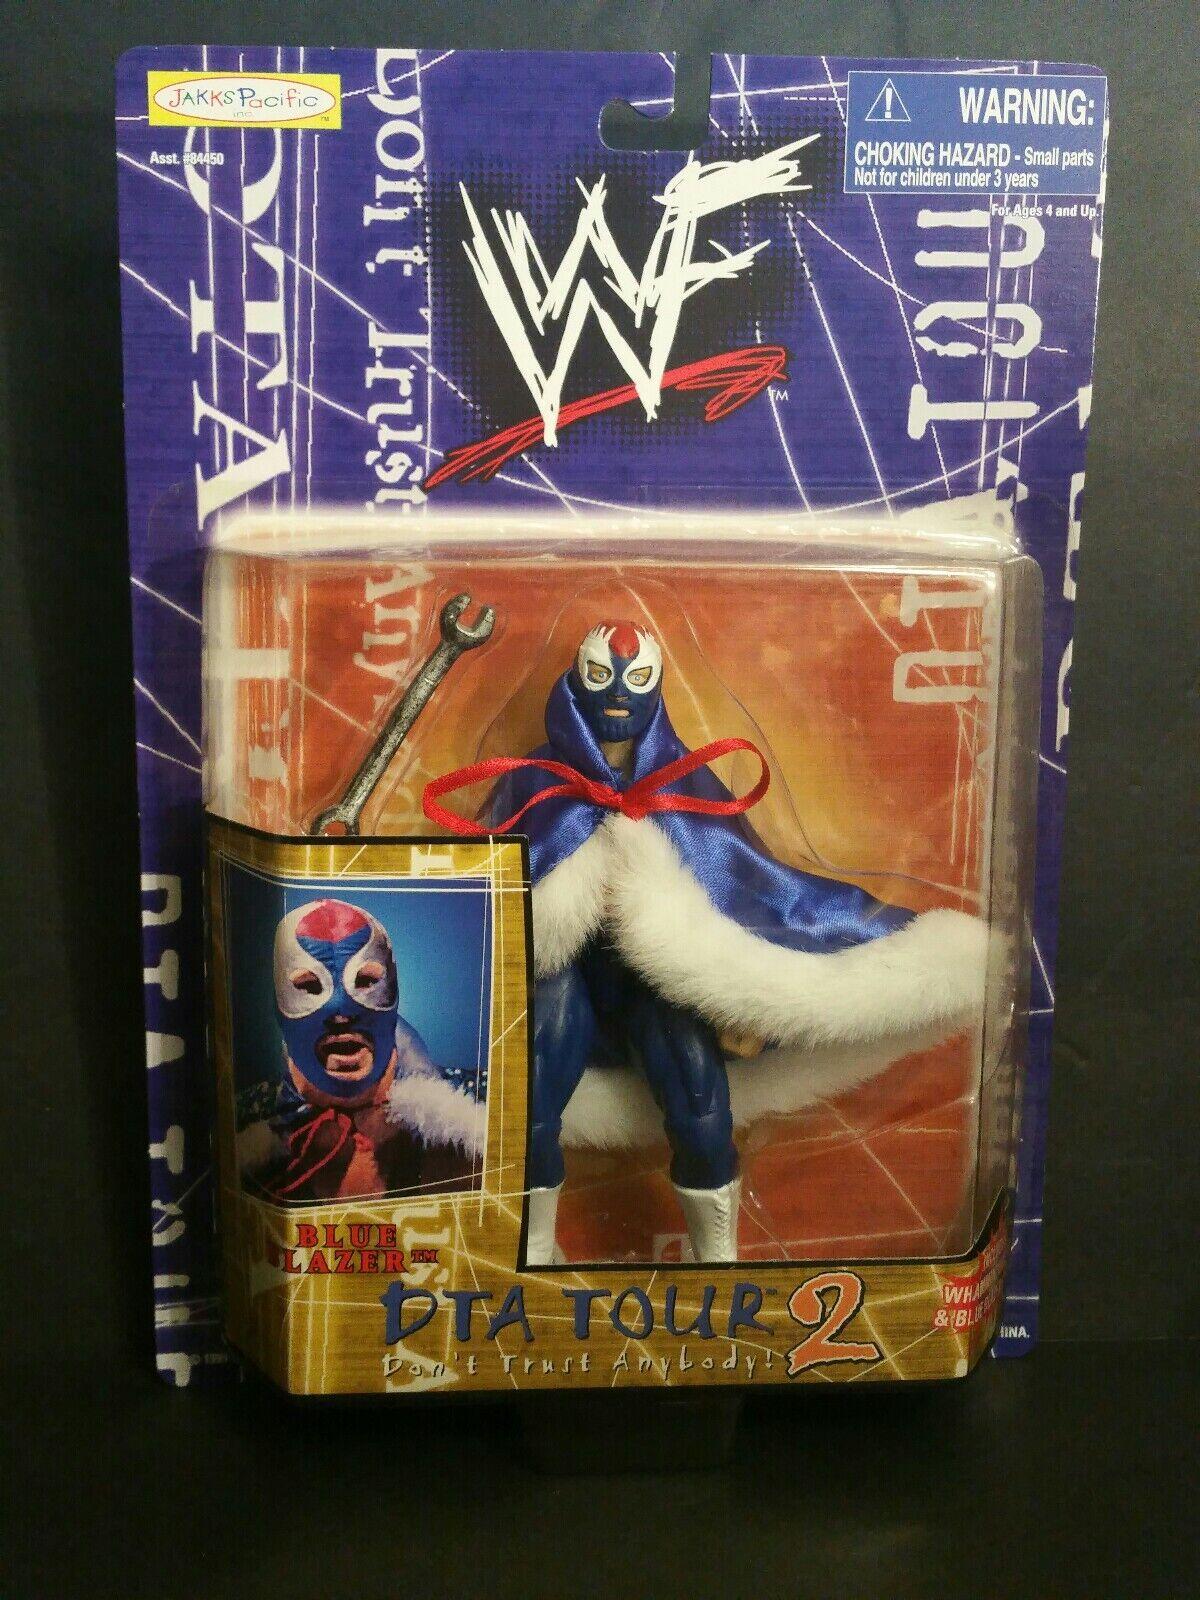 WWF DTA TOUR 2 blueE BLAZER ACTION FIGURE(107)(4-12)